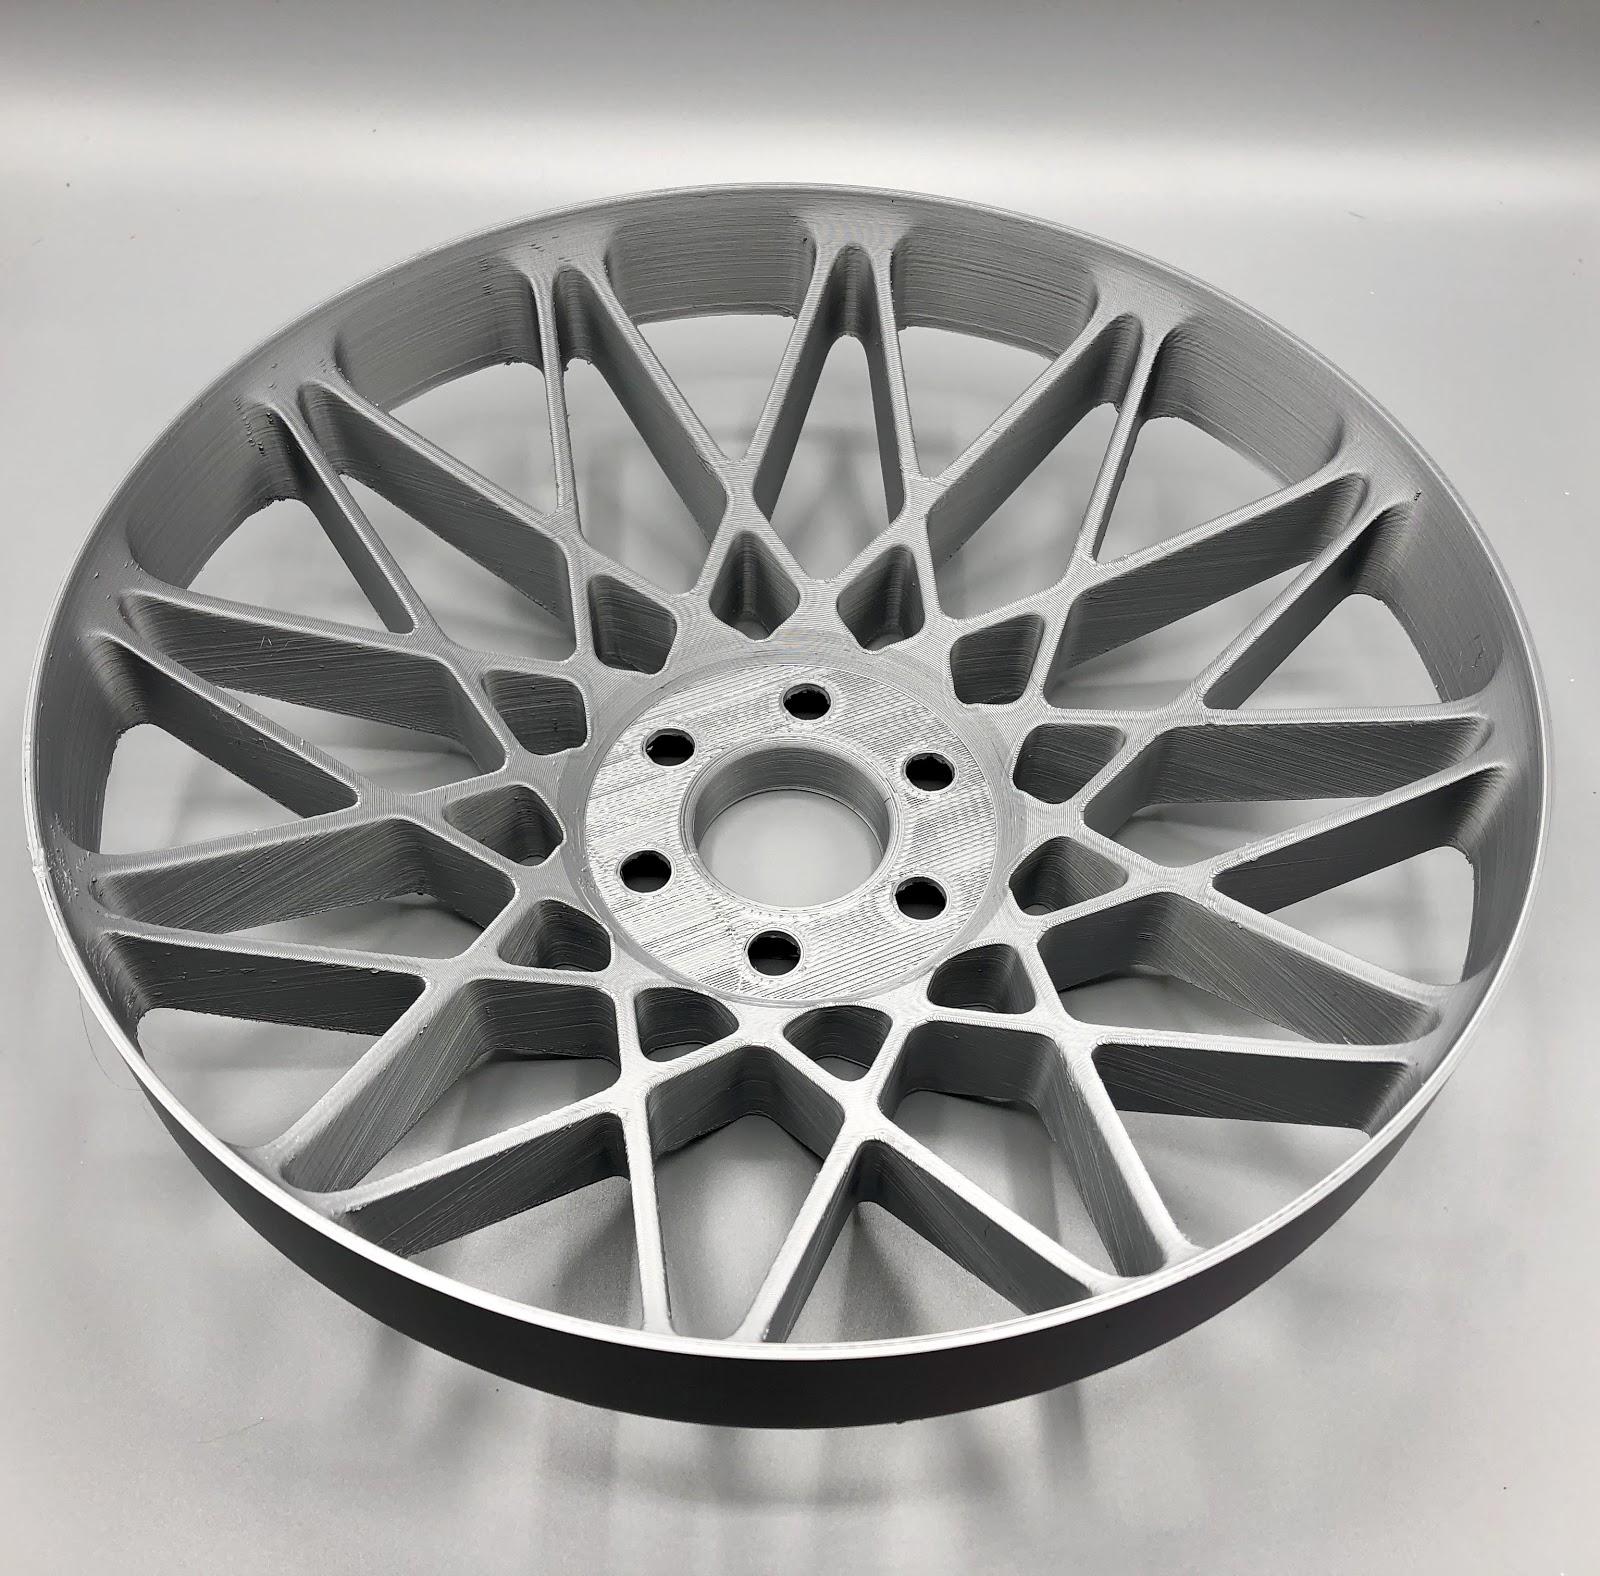 """Full-Size Wheel Prototype - 15"""", ABS, 300 micron"""